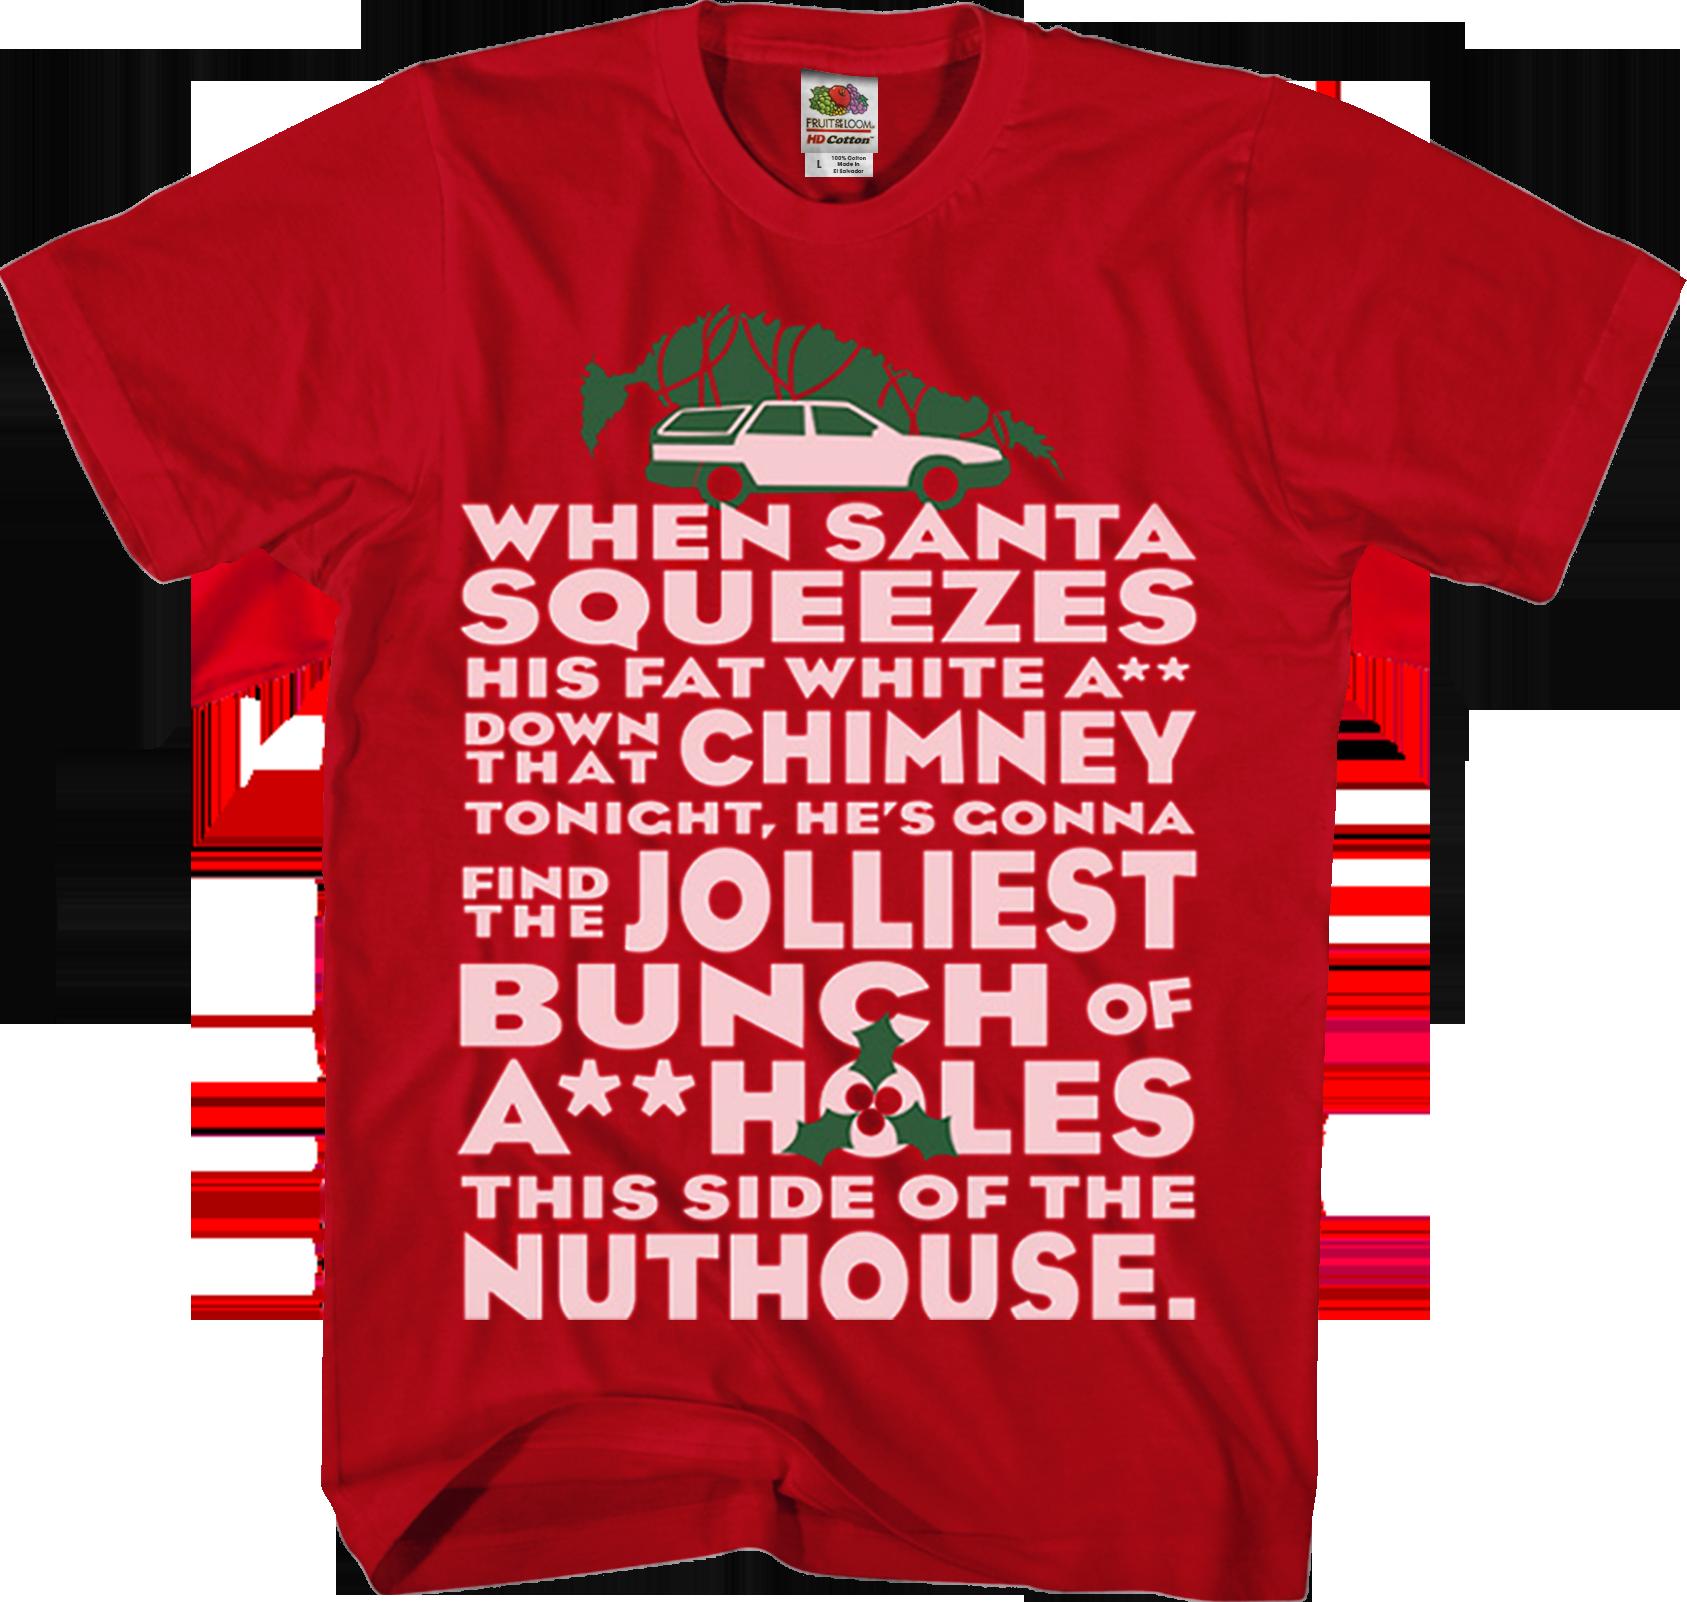 Christmas Vacation T-Shirts and Moose Mugs